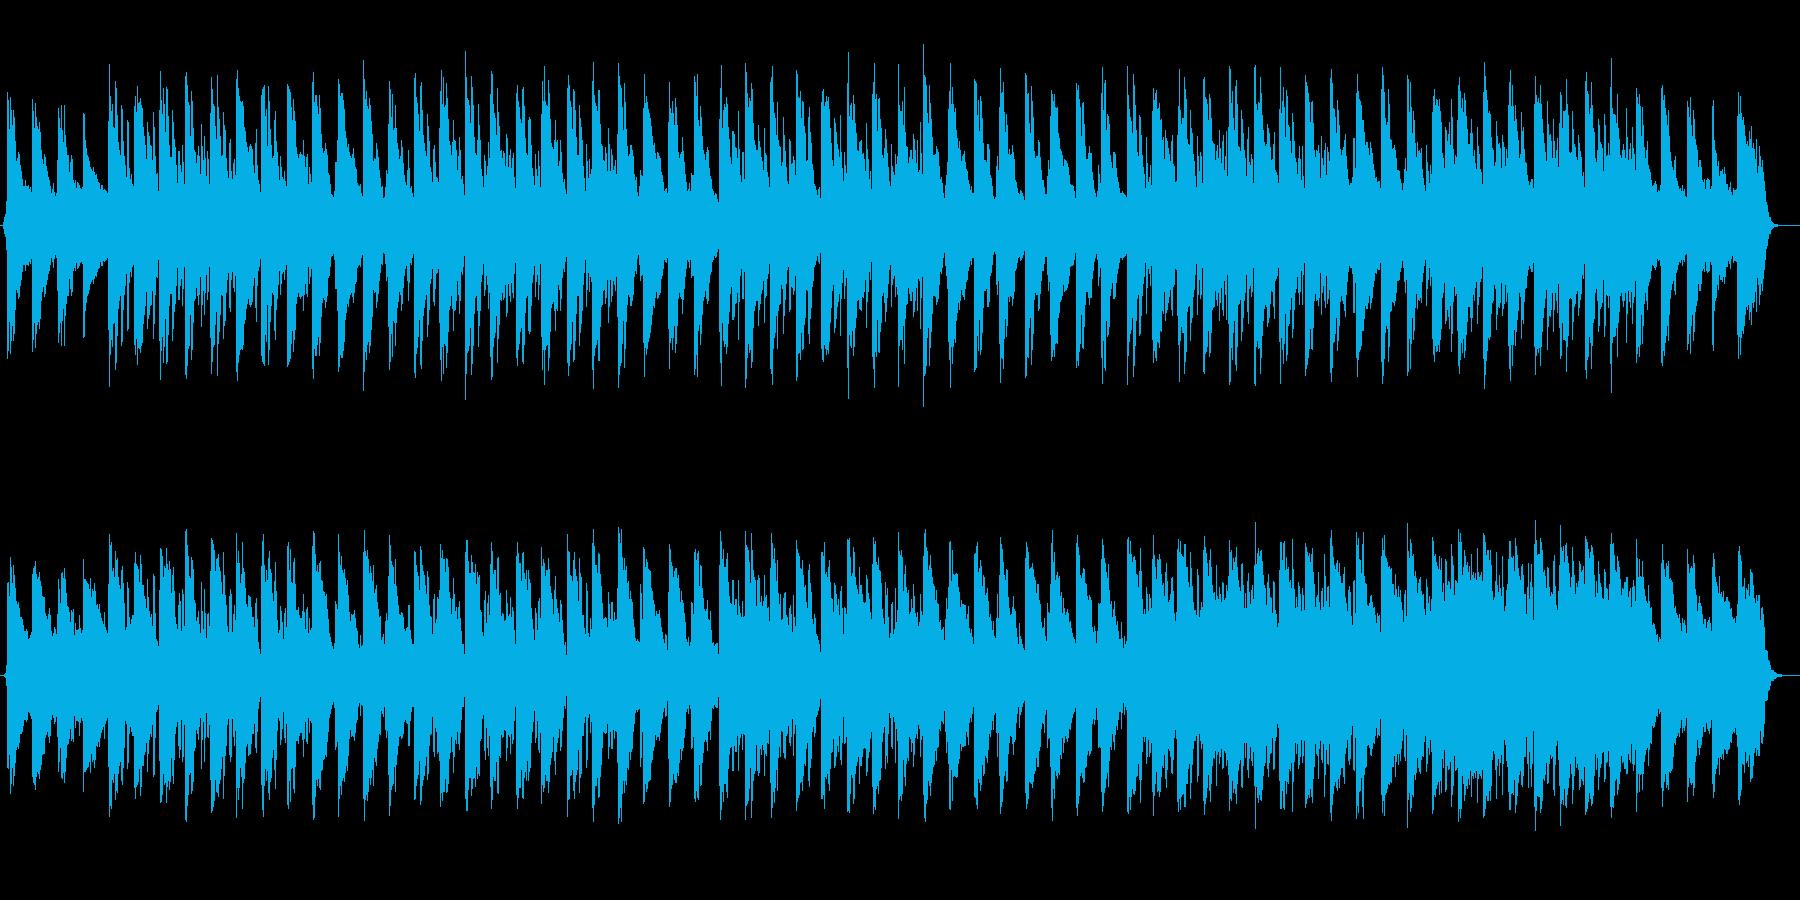 ゆったり涼しげなシンセサイザーサウンドの再生済みの波形